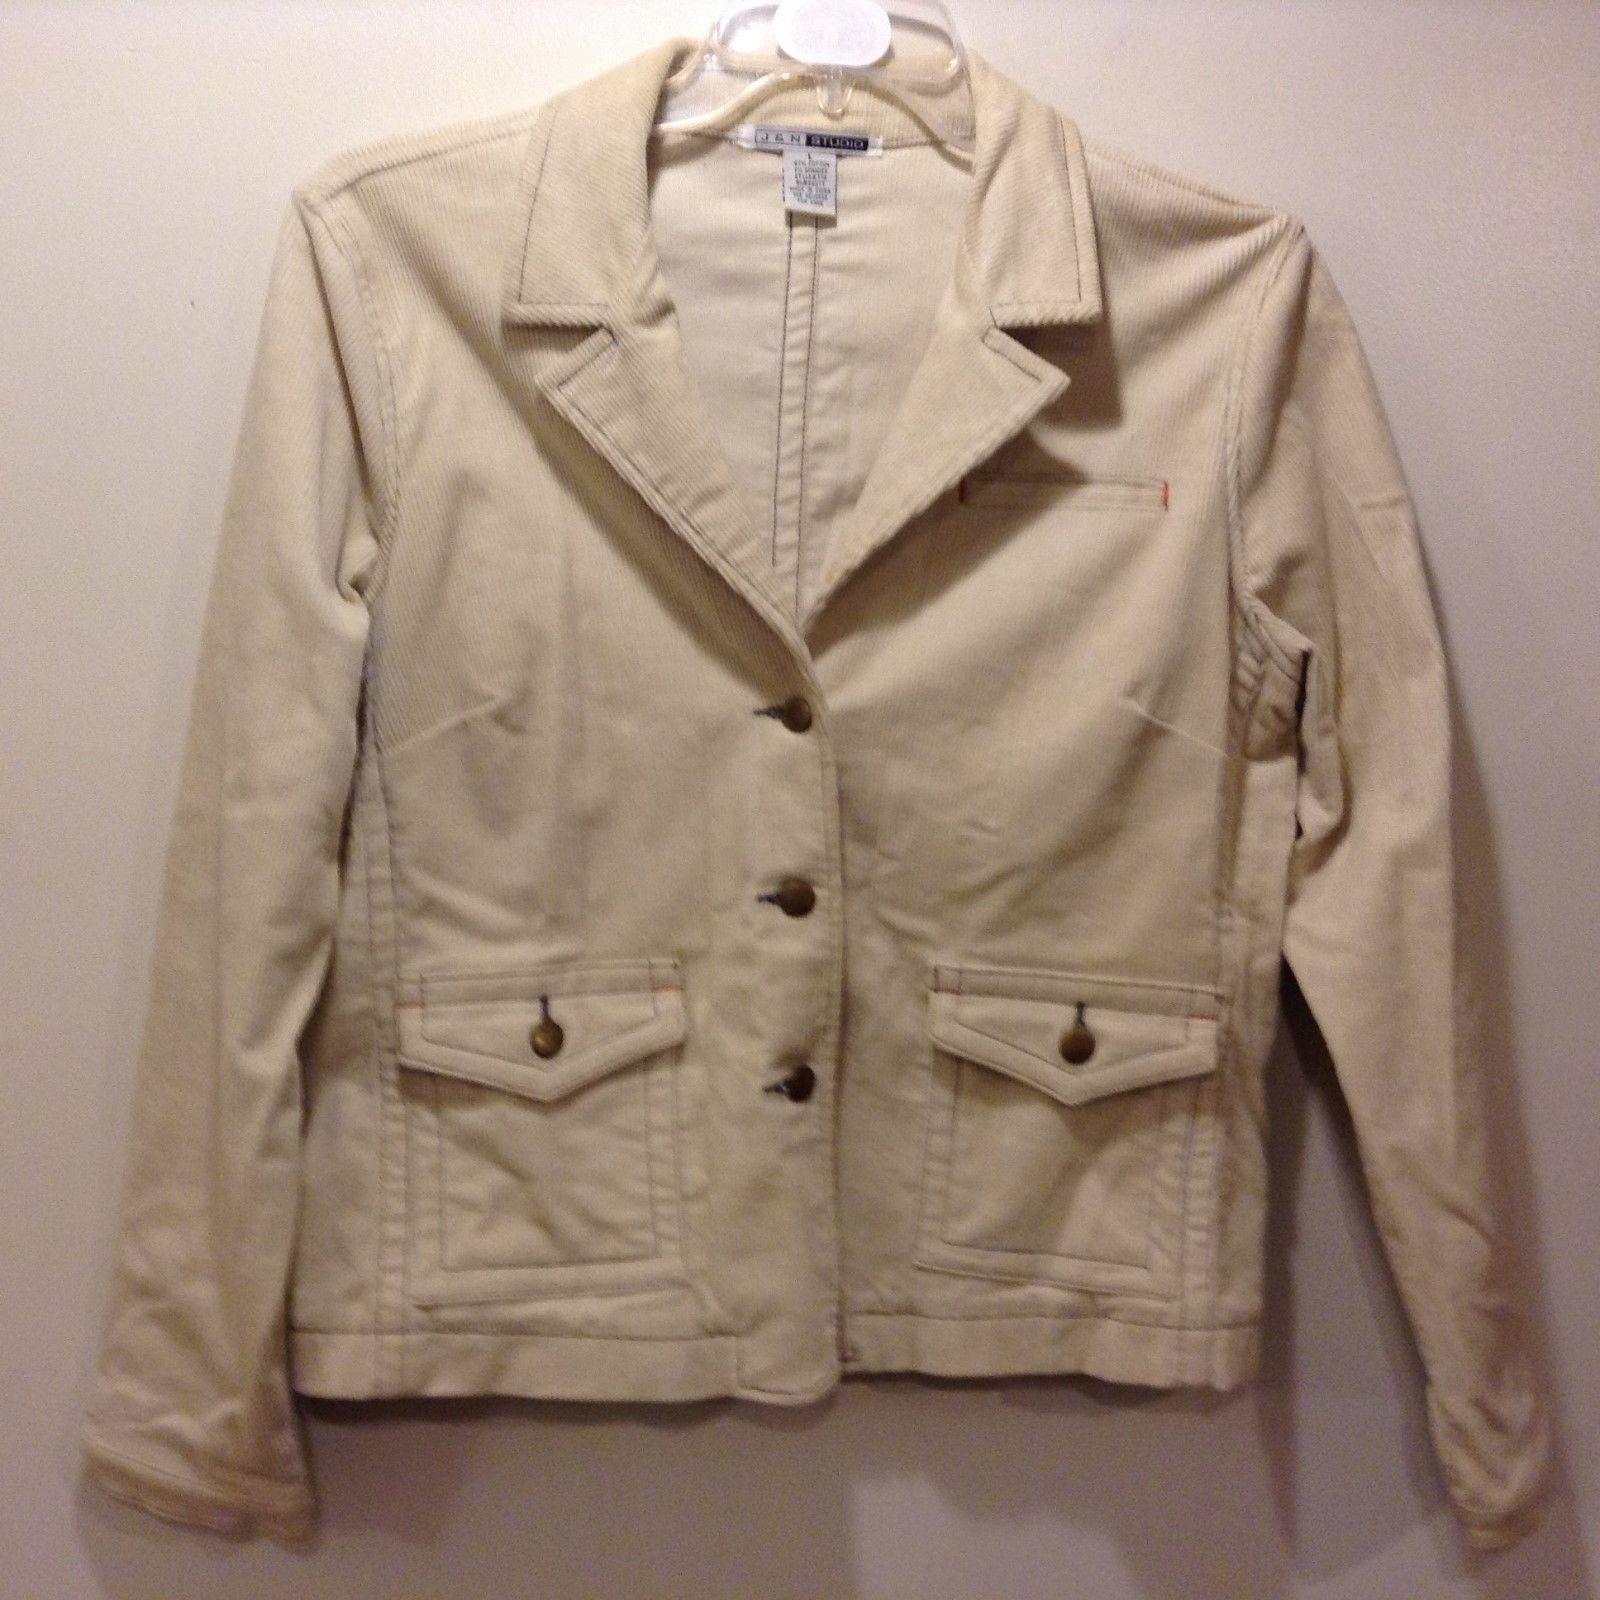 J&N Studio Beige Corduroy Jacket Sz LG